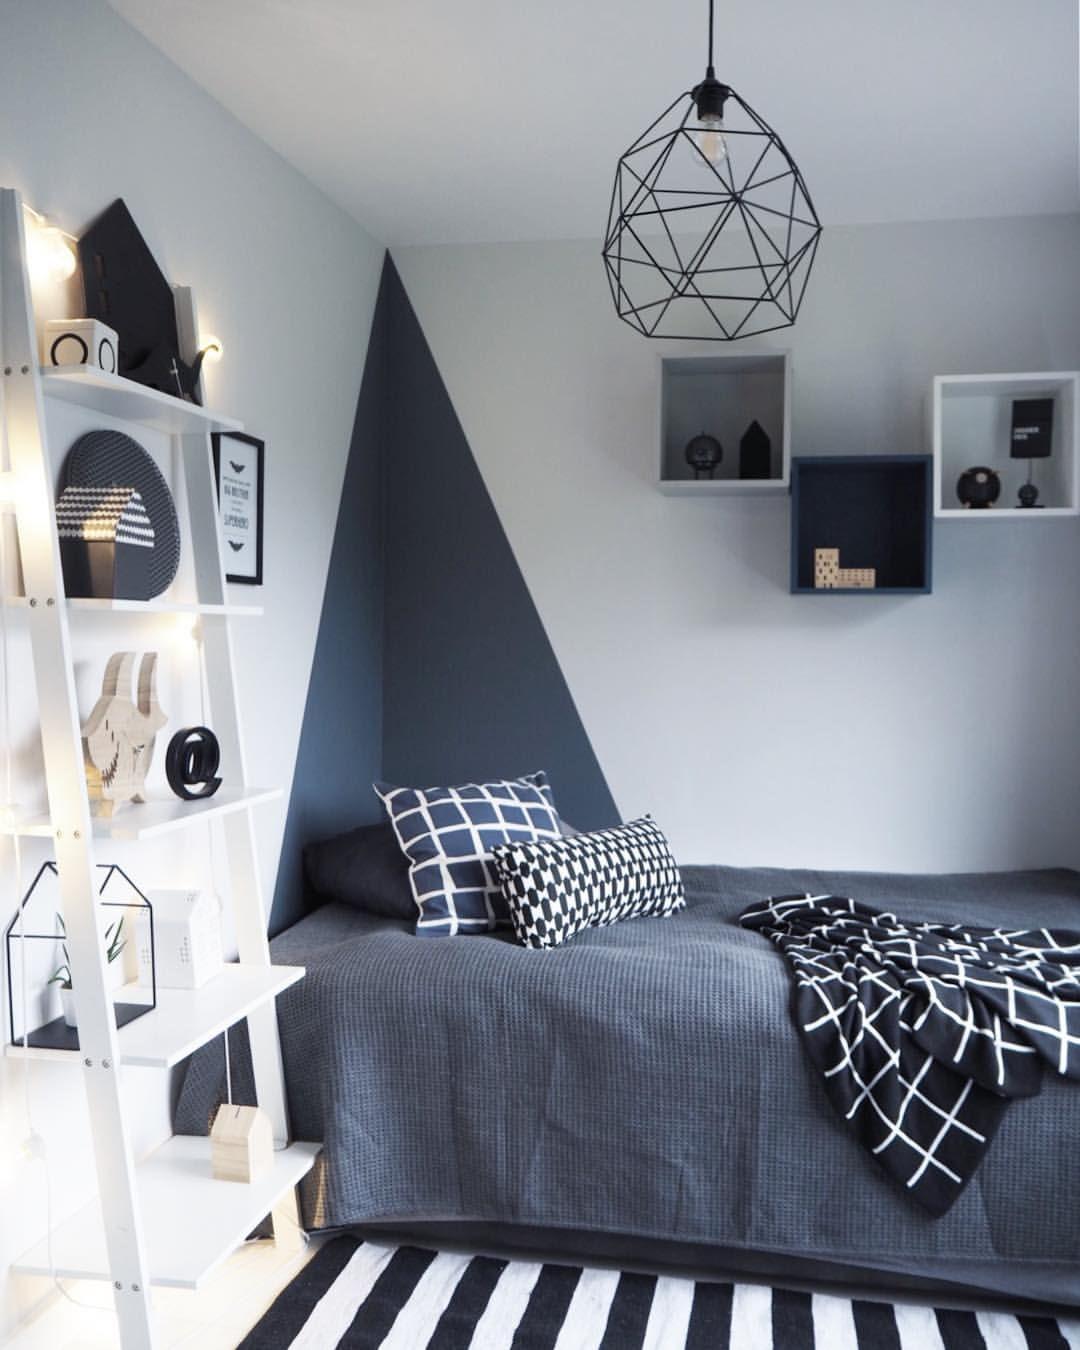 mooie kleuren voor de slaapkamer slaapkamer themas slaapkamer muur tiener slaapkamer diy slaapkamer